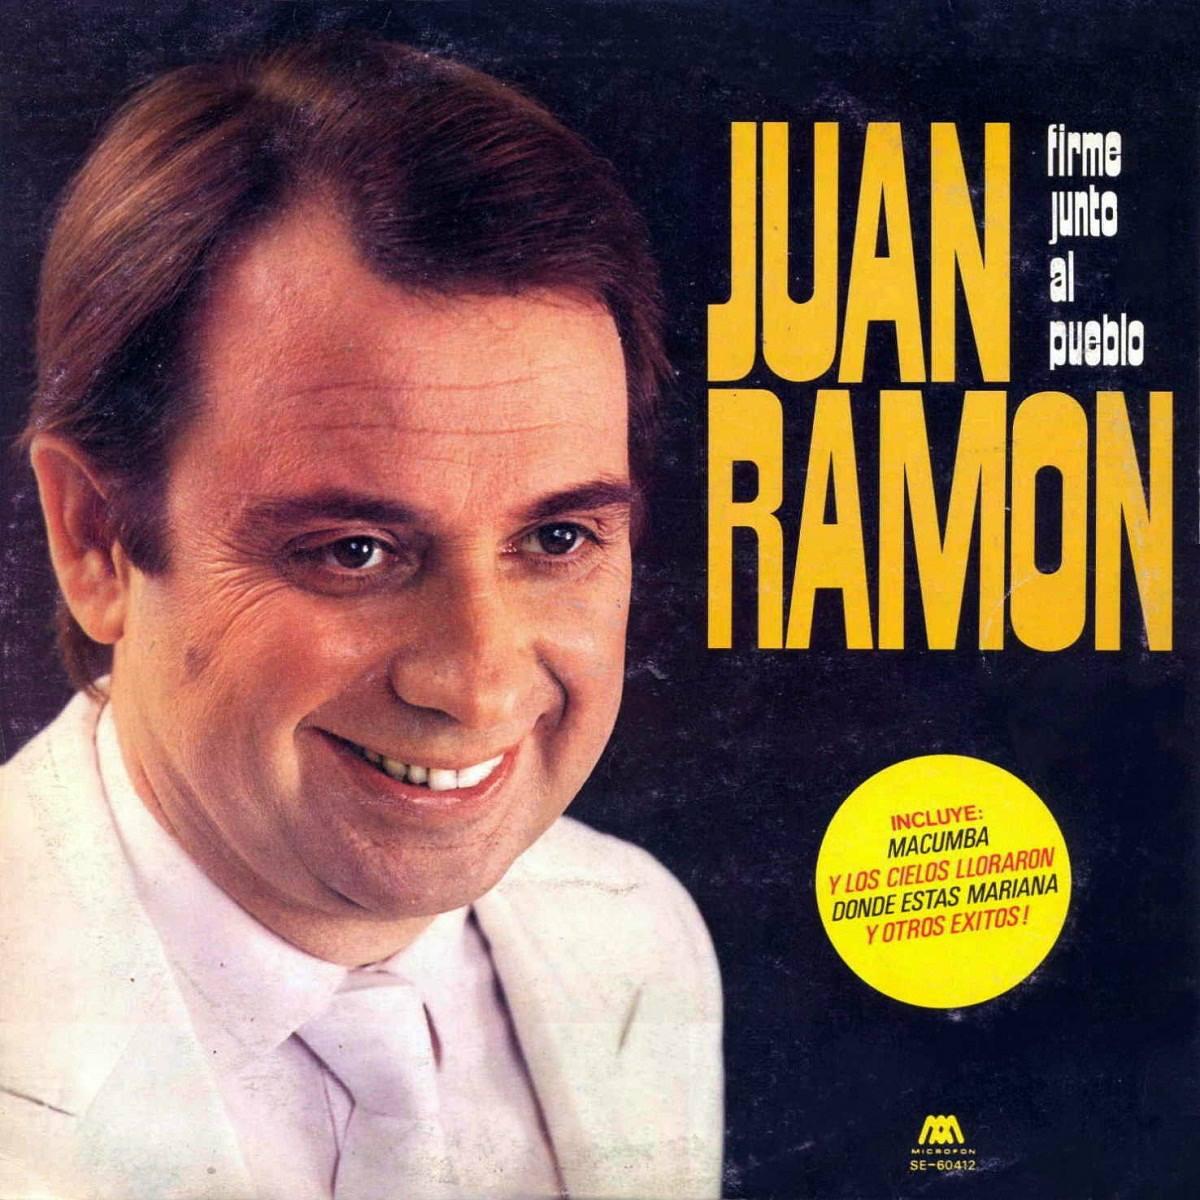 Juan Ramón Y Su Banda 2 - cd-de-juan-ramon-firme-junto-al-pueblo--13656-MLA139672590_5532-F